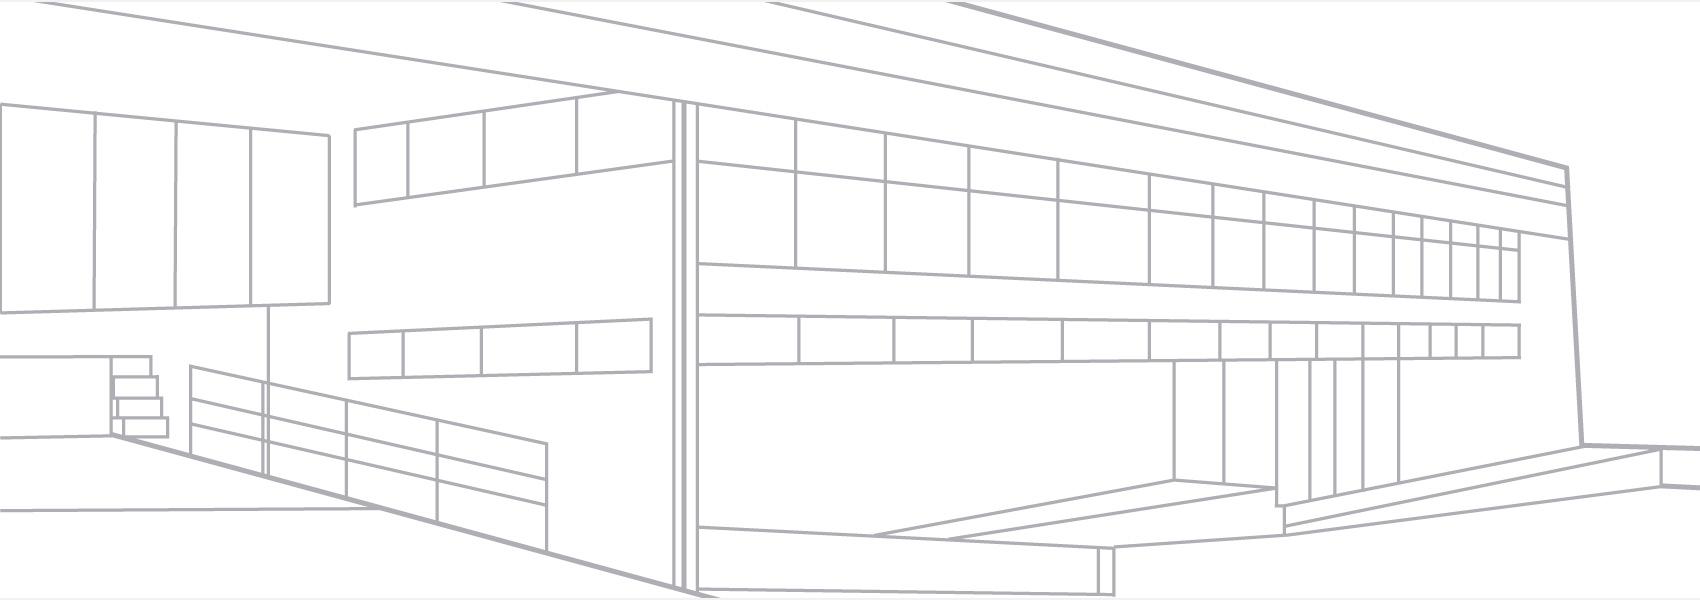 SMSenra Facilities